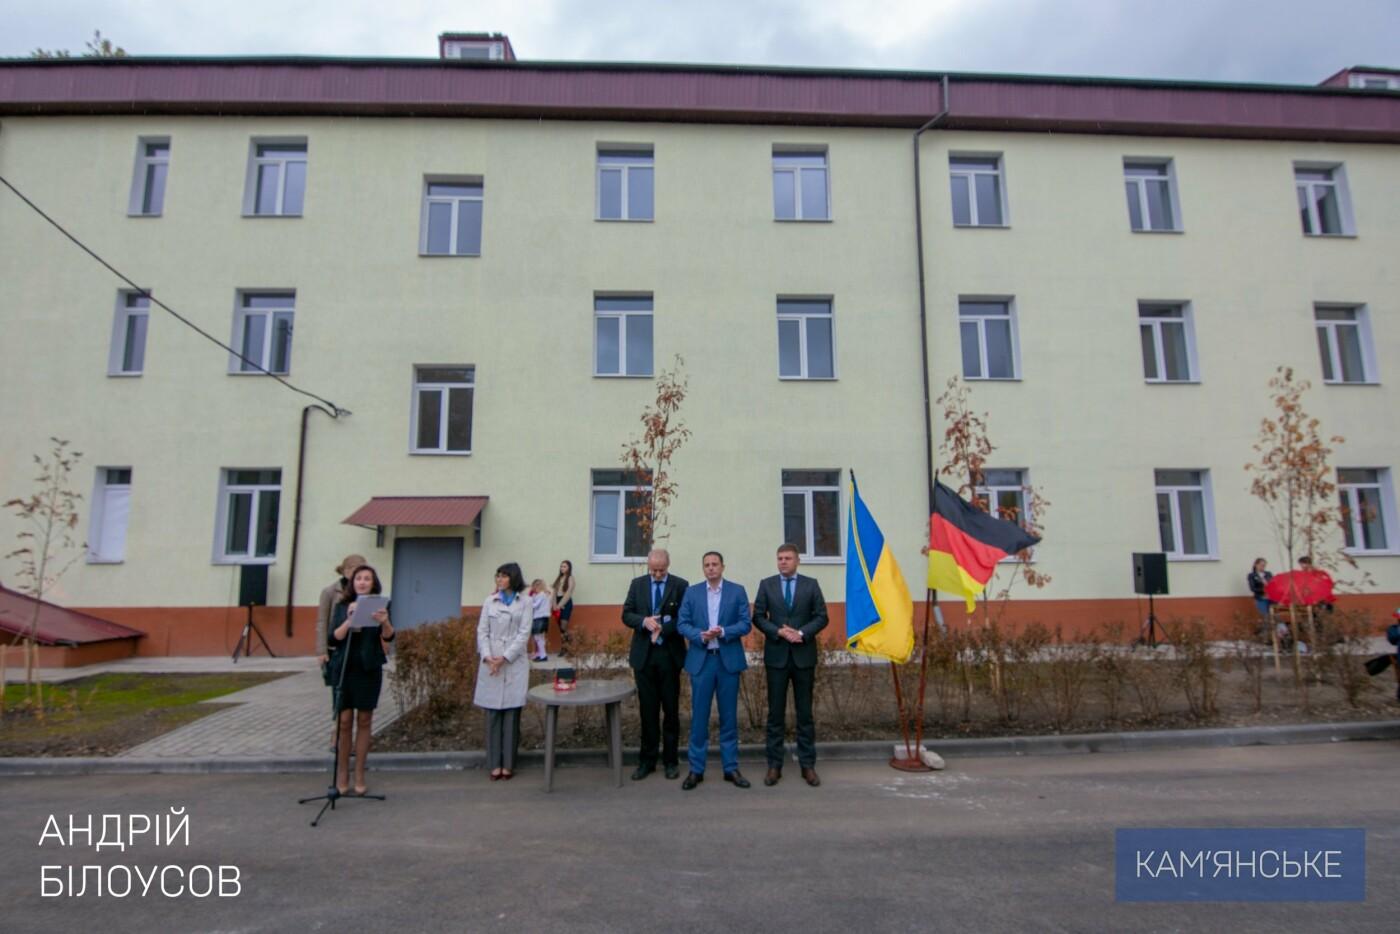 В Каменском открыли многоквартирный дом для переселенцев, фото-1